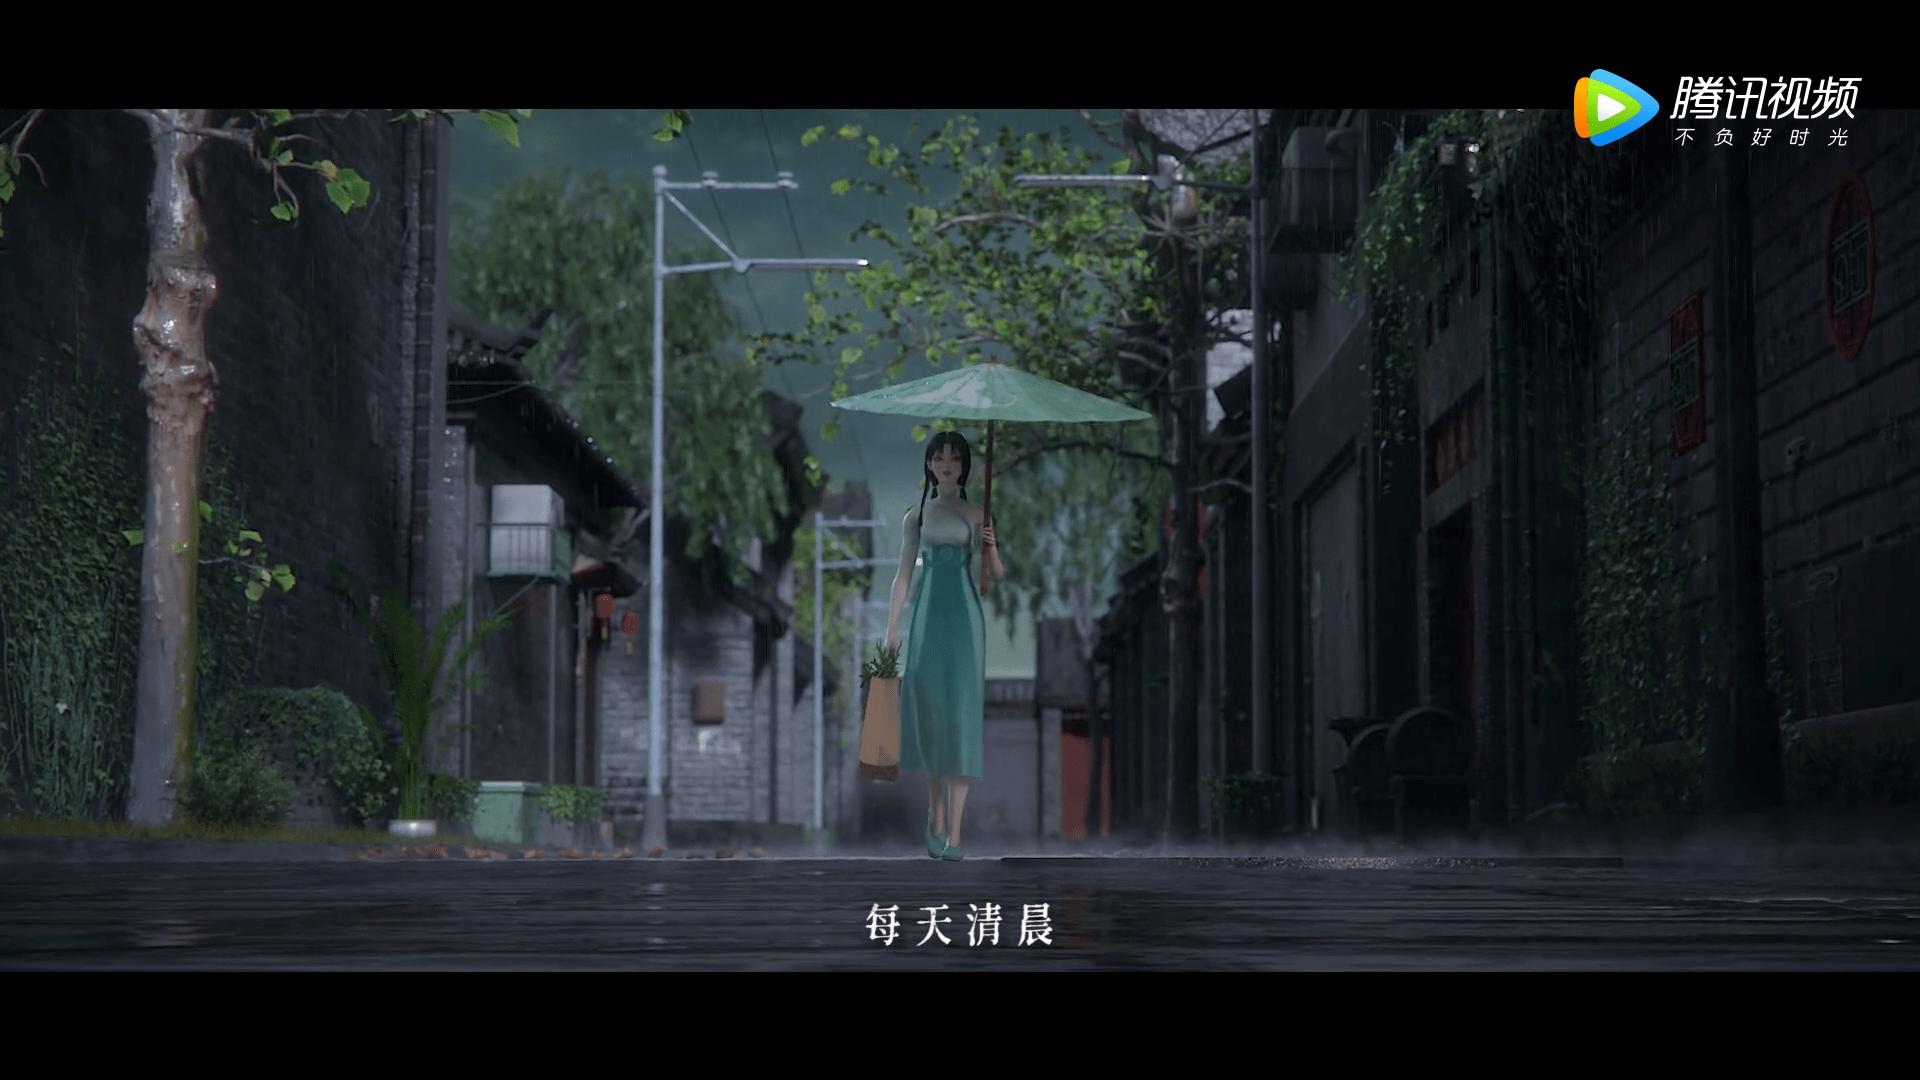 《老板,锅里长猫了》PV预告:小众动画还能这么拍?